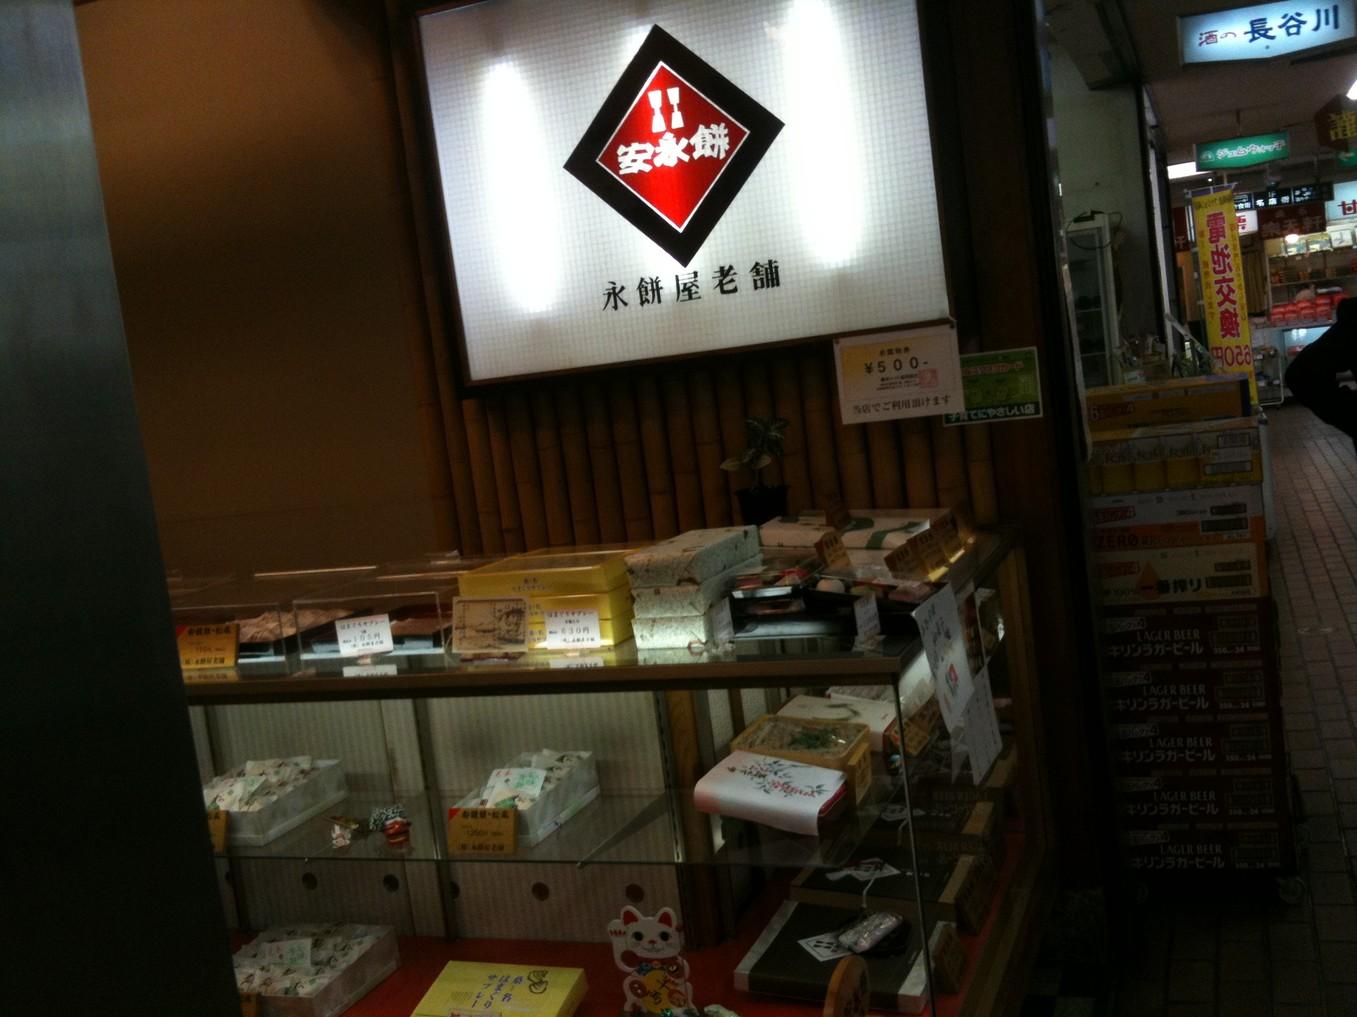 安永餅 桑栄メイト店